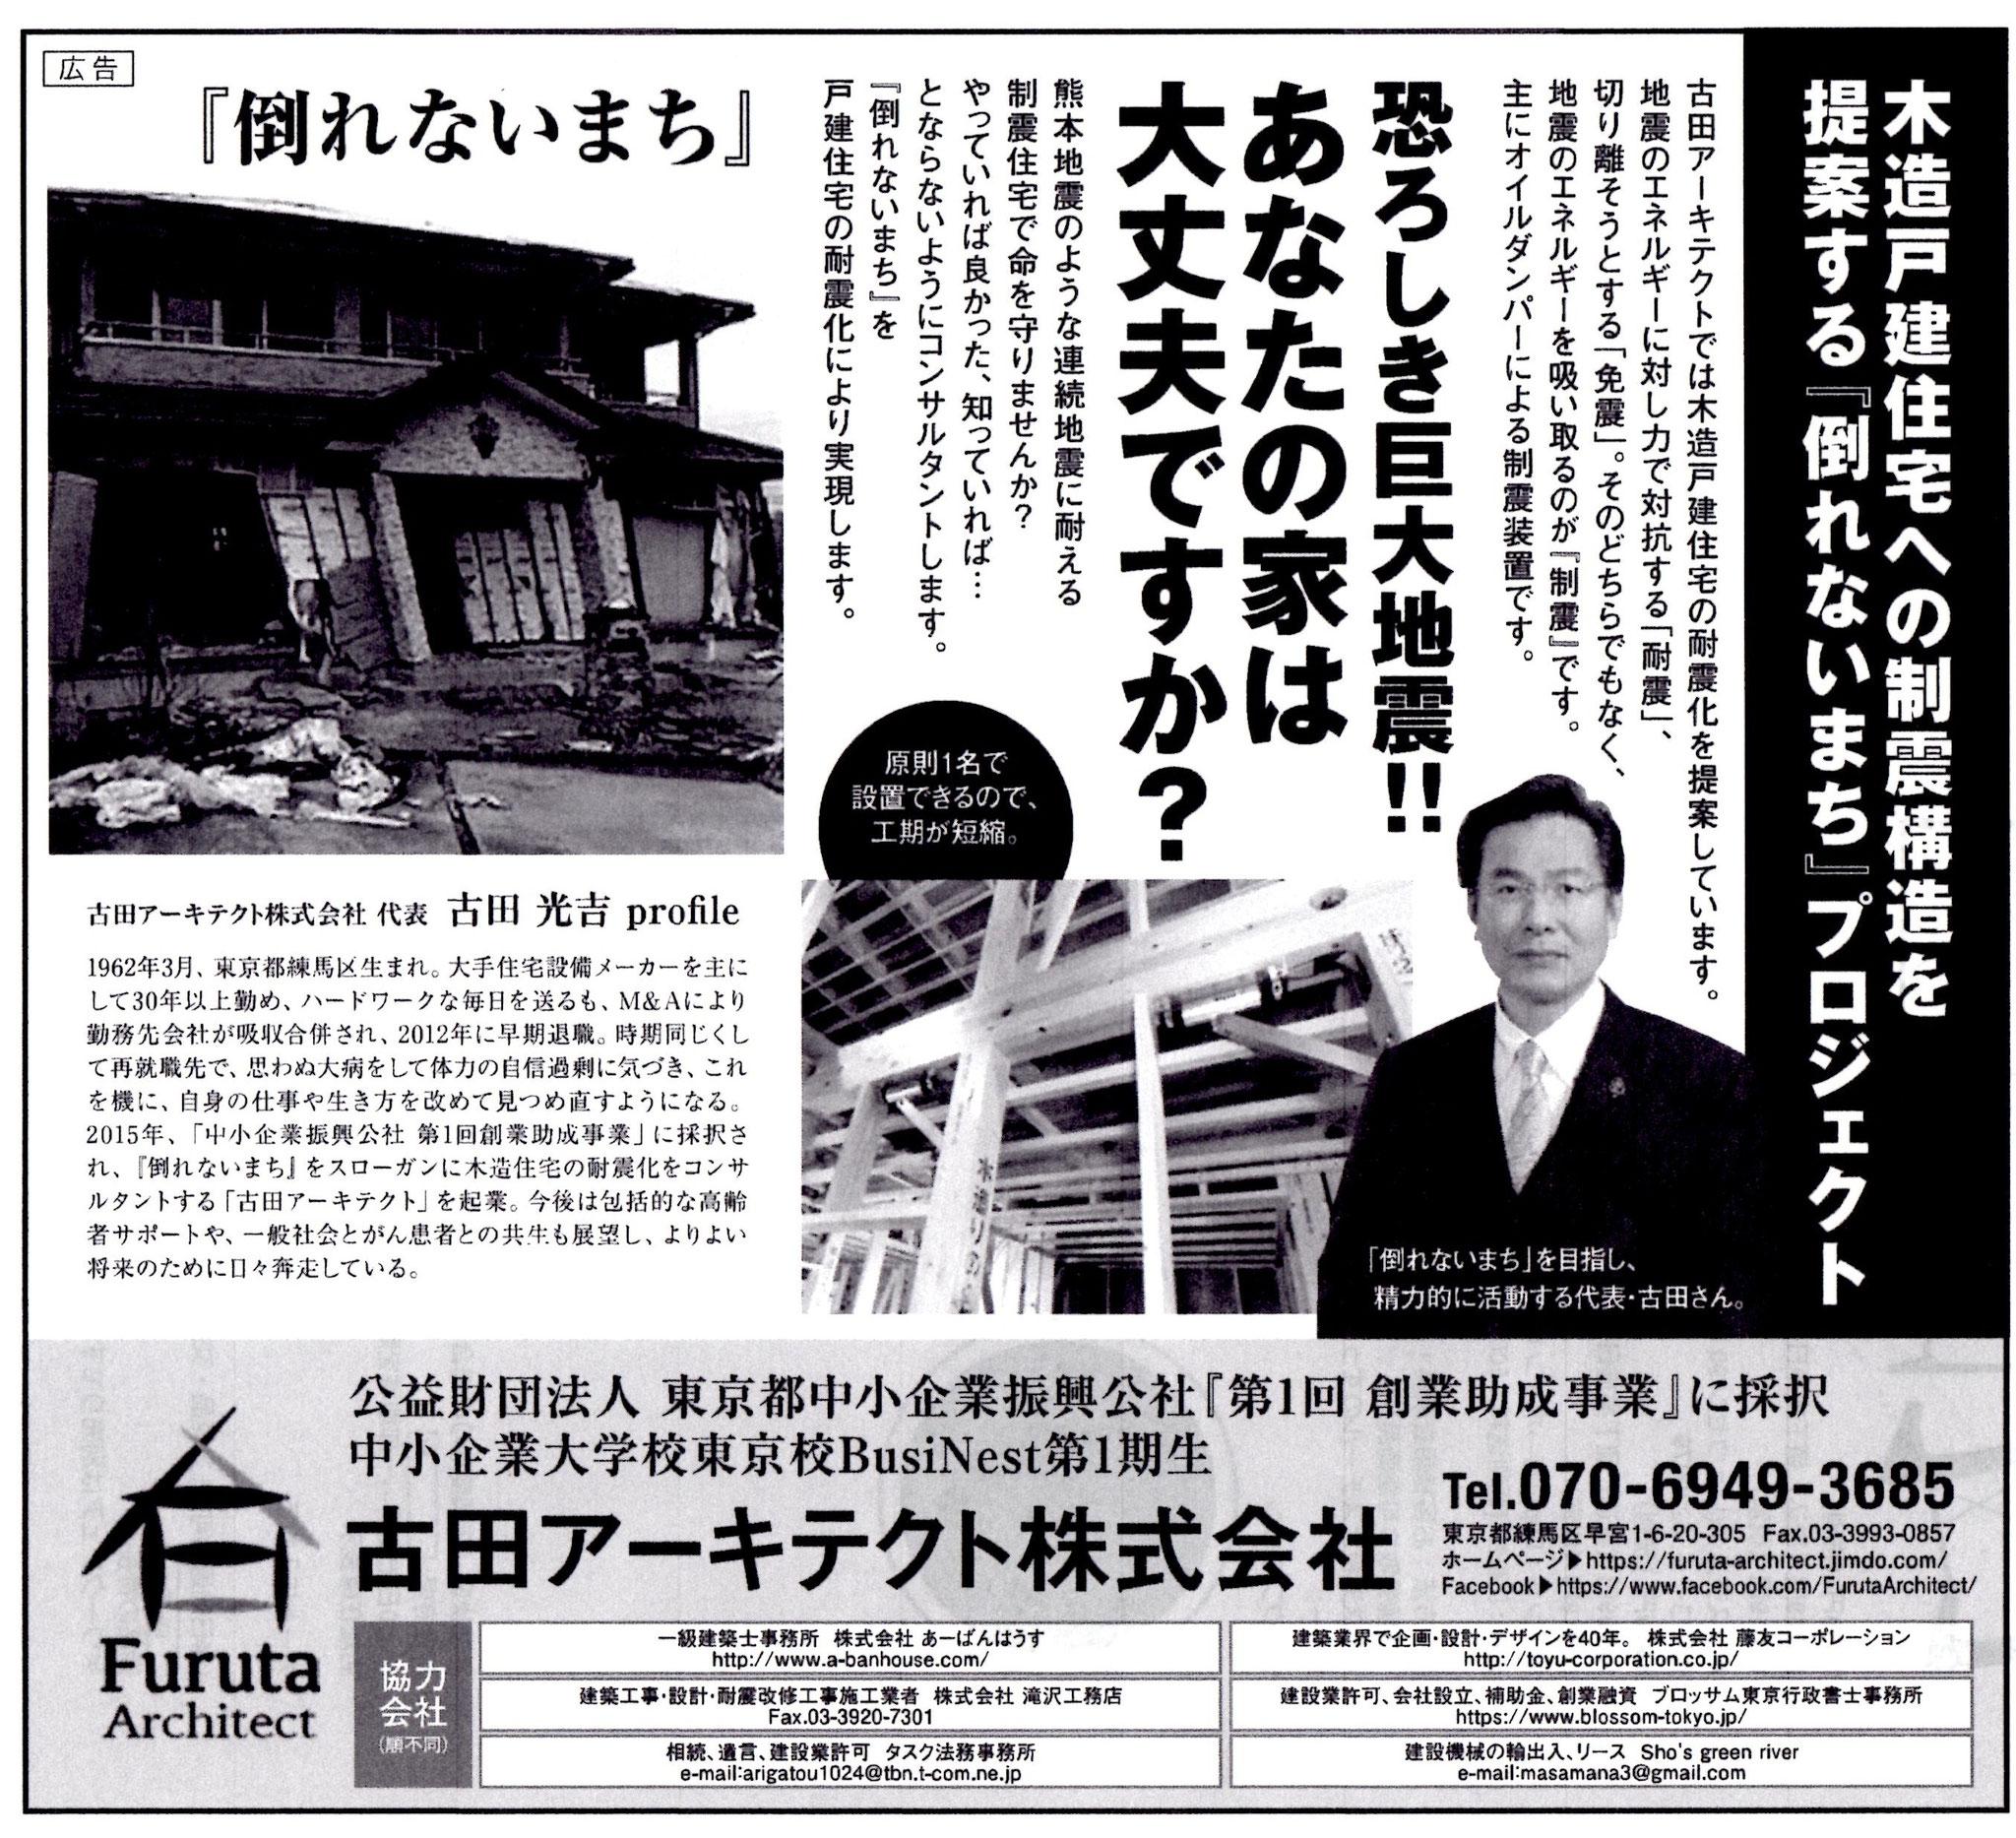 5月26日大安吉日(金)産経新聞 多摩版に掲載。